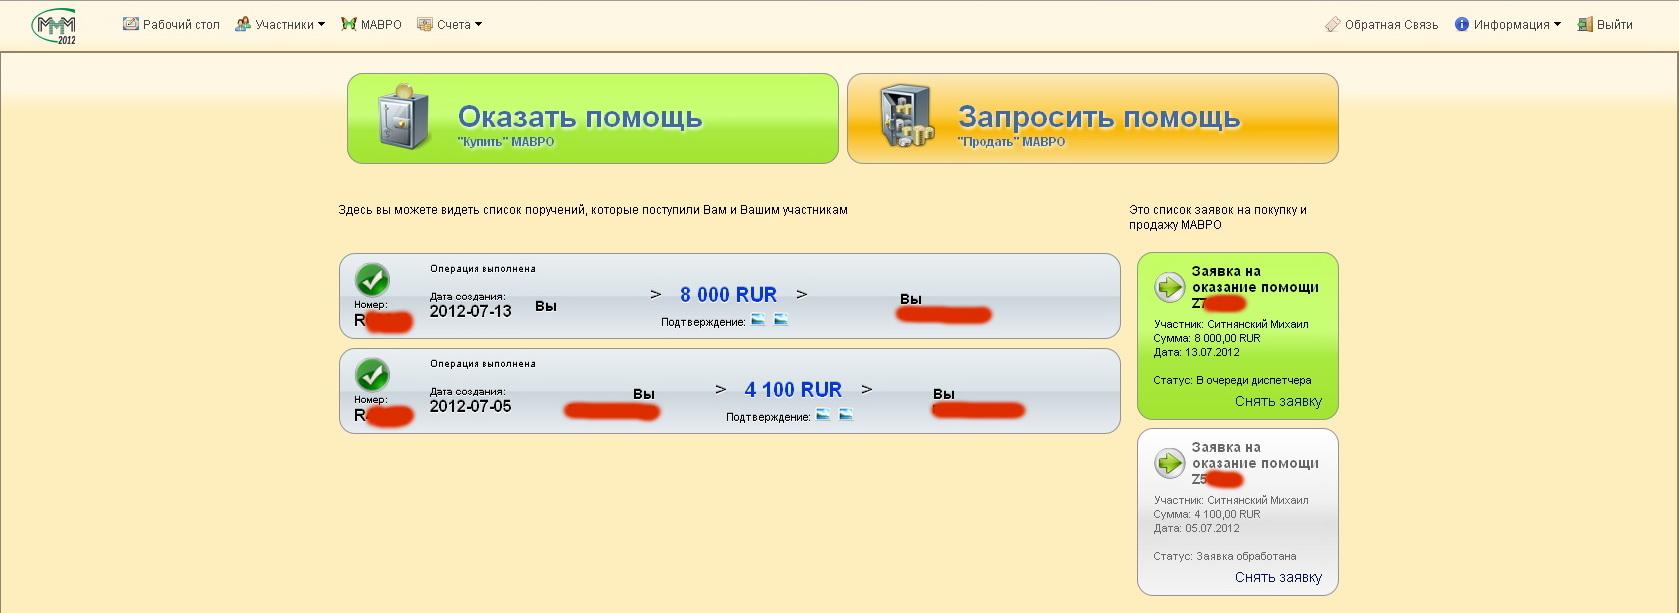 Личный кабинет МММ-2012. Мои вклады на 13 июля 2012